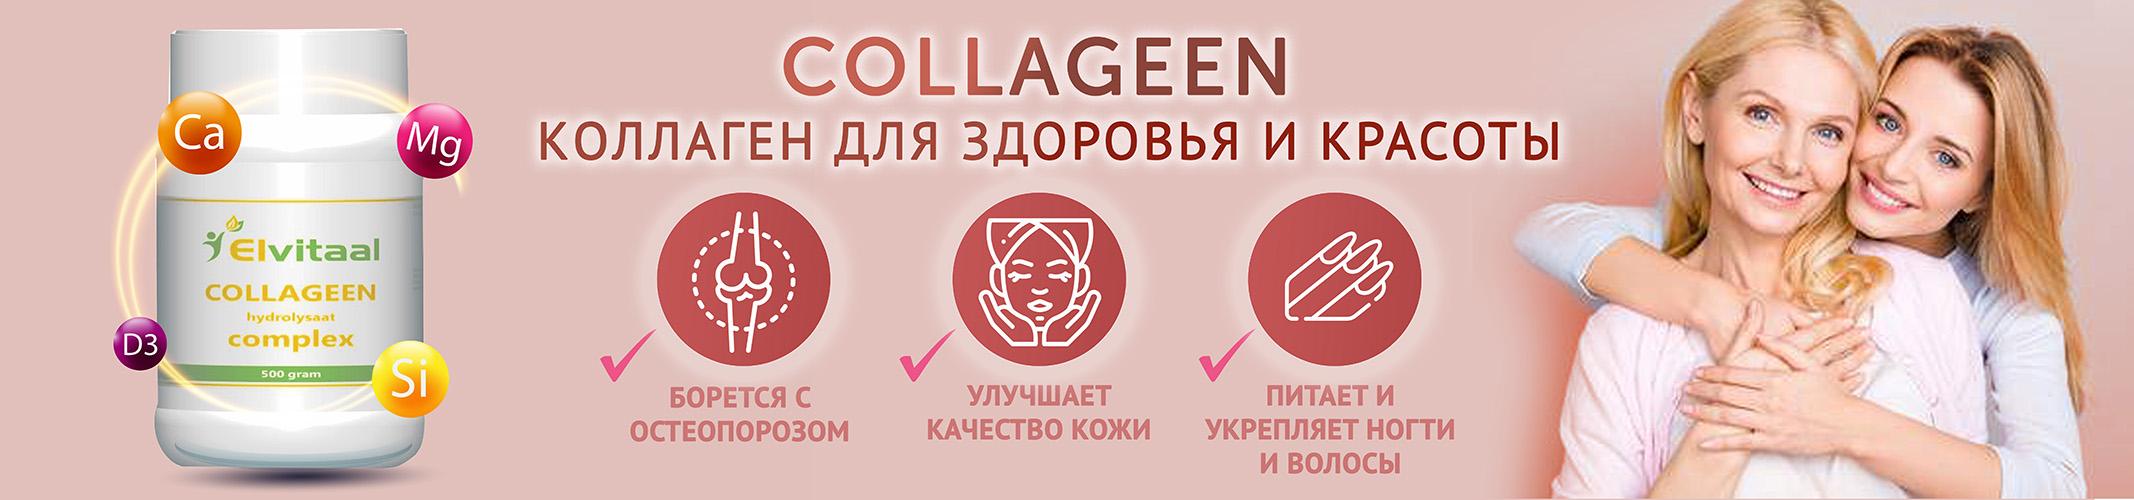 Collageen Elvitaal витамины высшего качества для красоты и здоровья